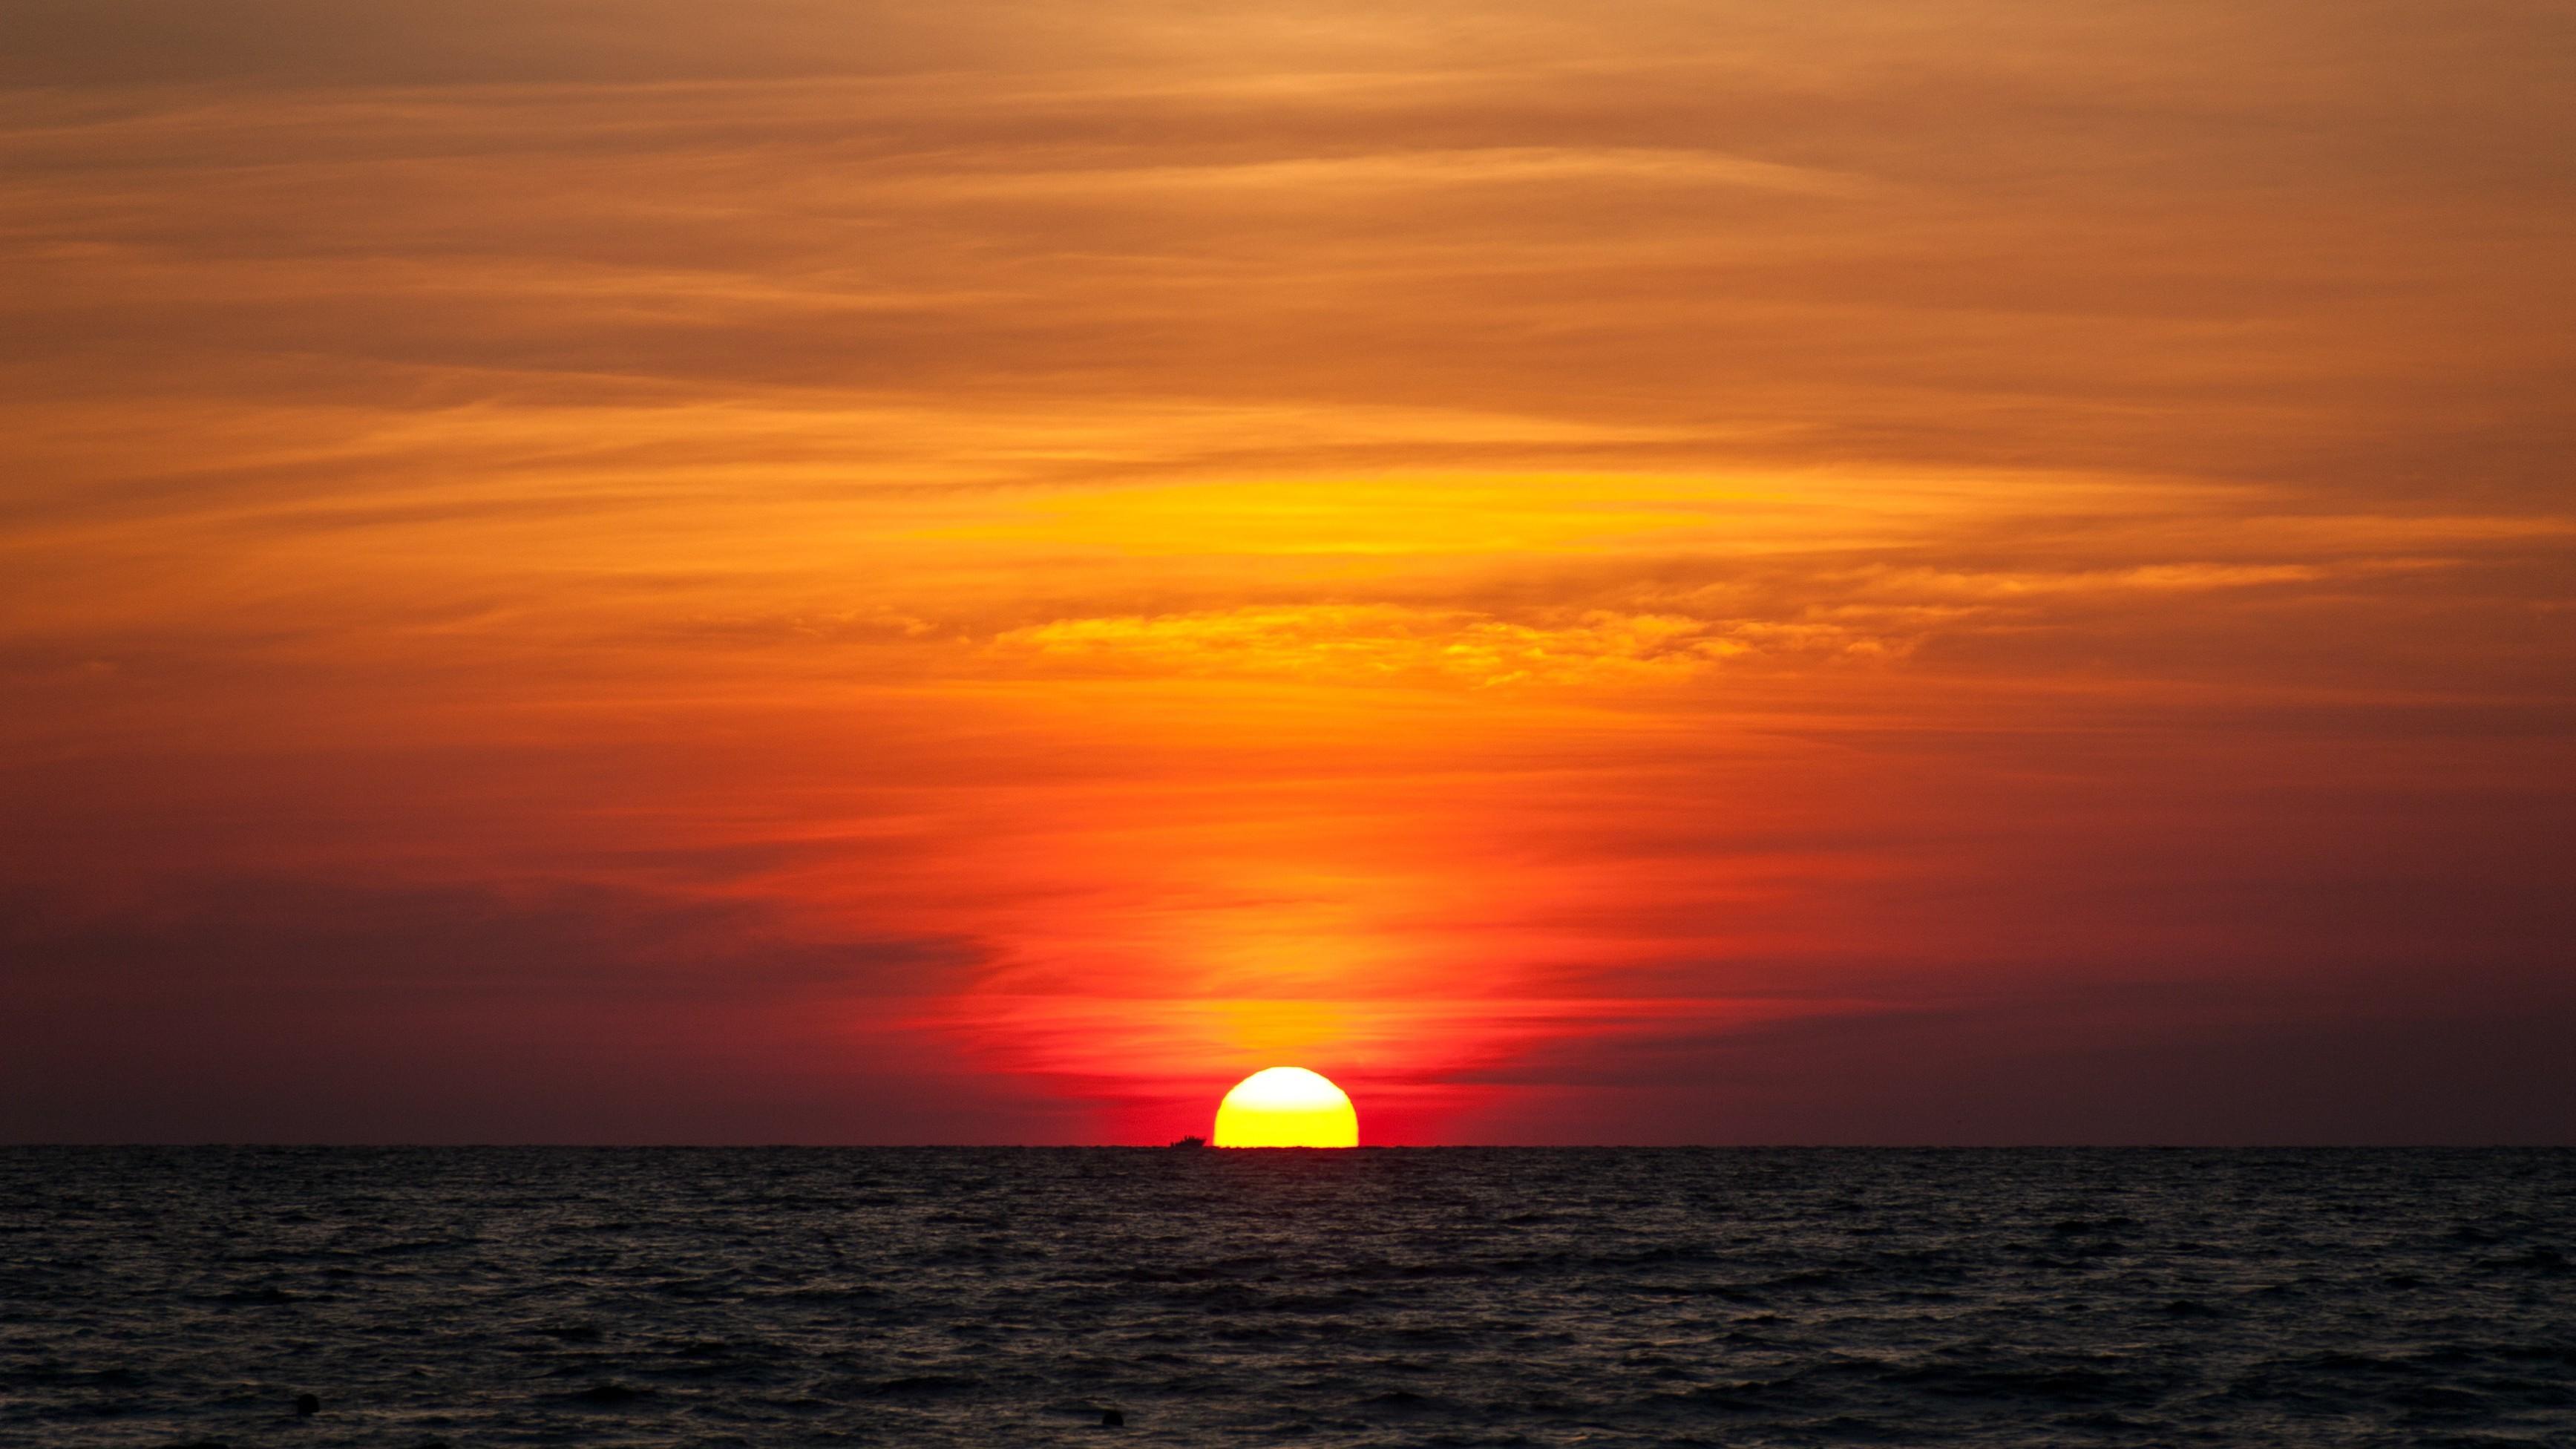 Картинка восход солнца на море